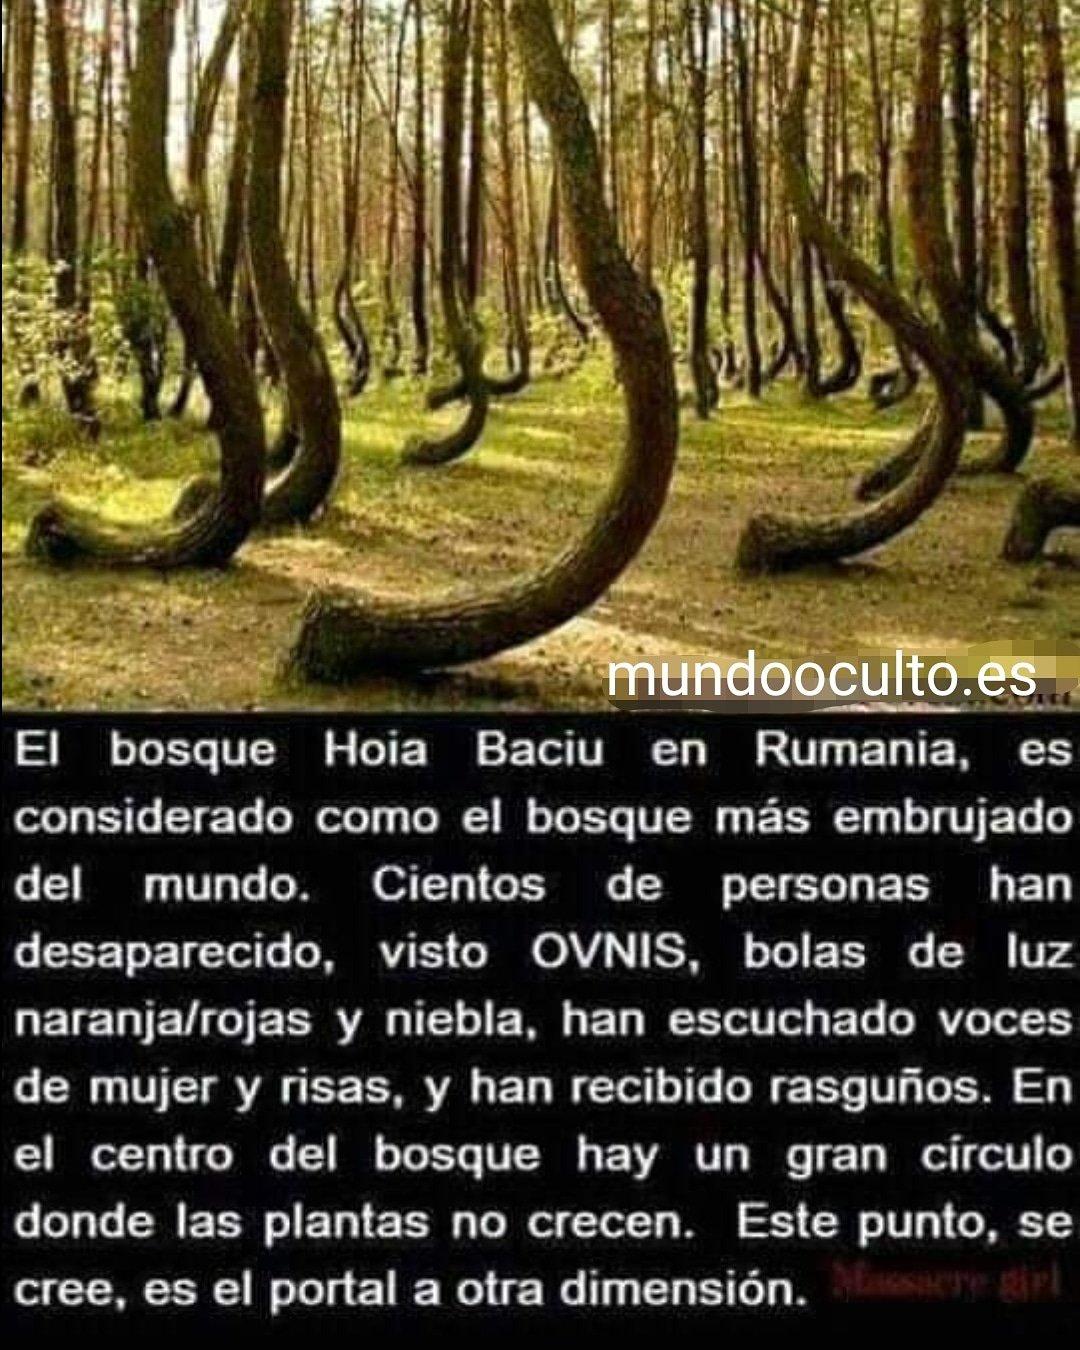 El bosque de Hoia Baciu